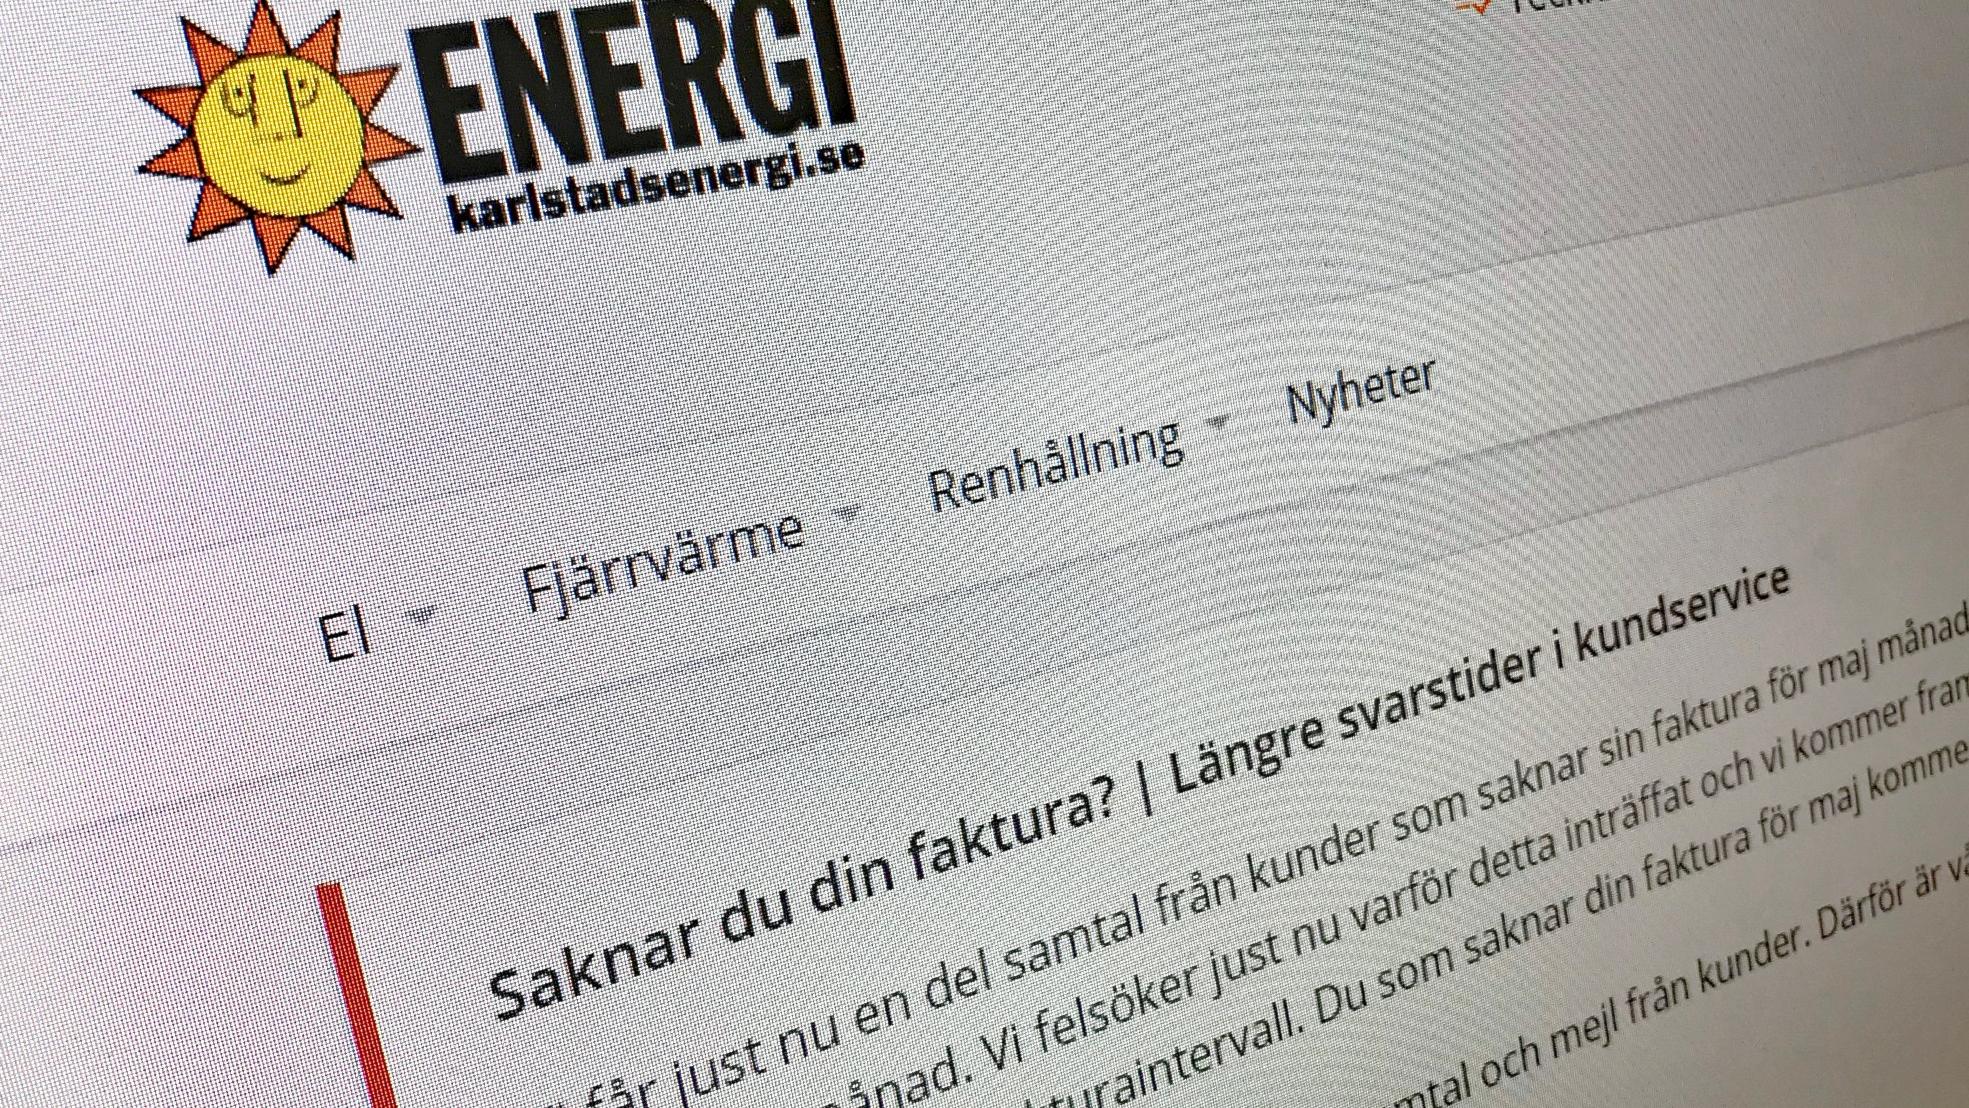 sverige energi kundtjänst